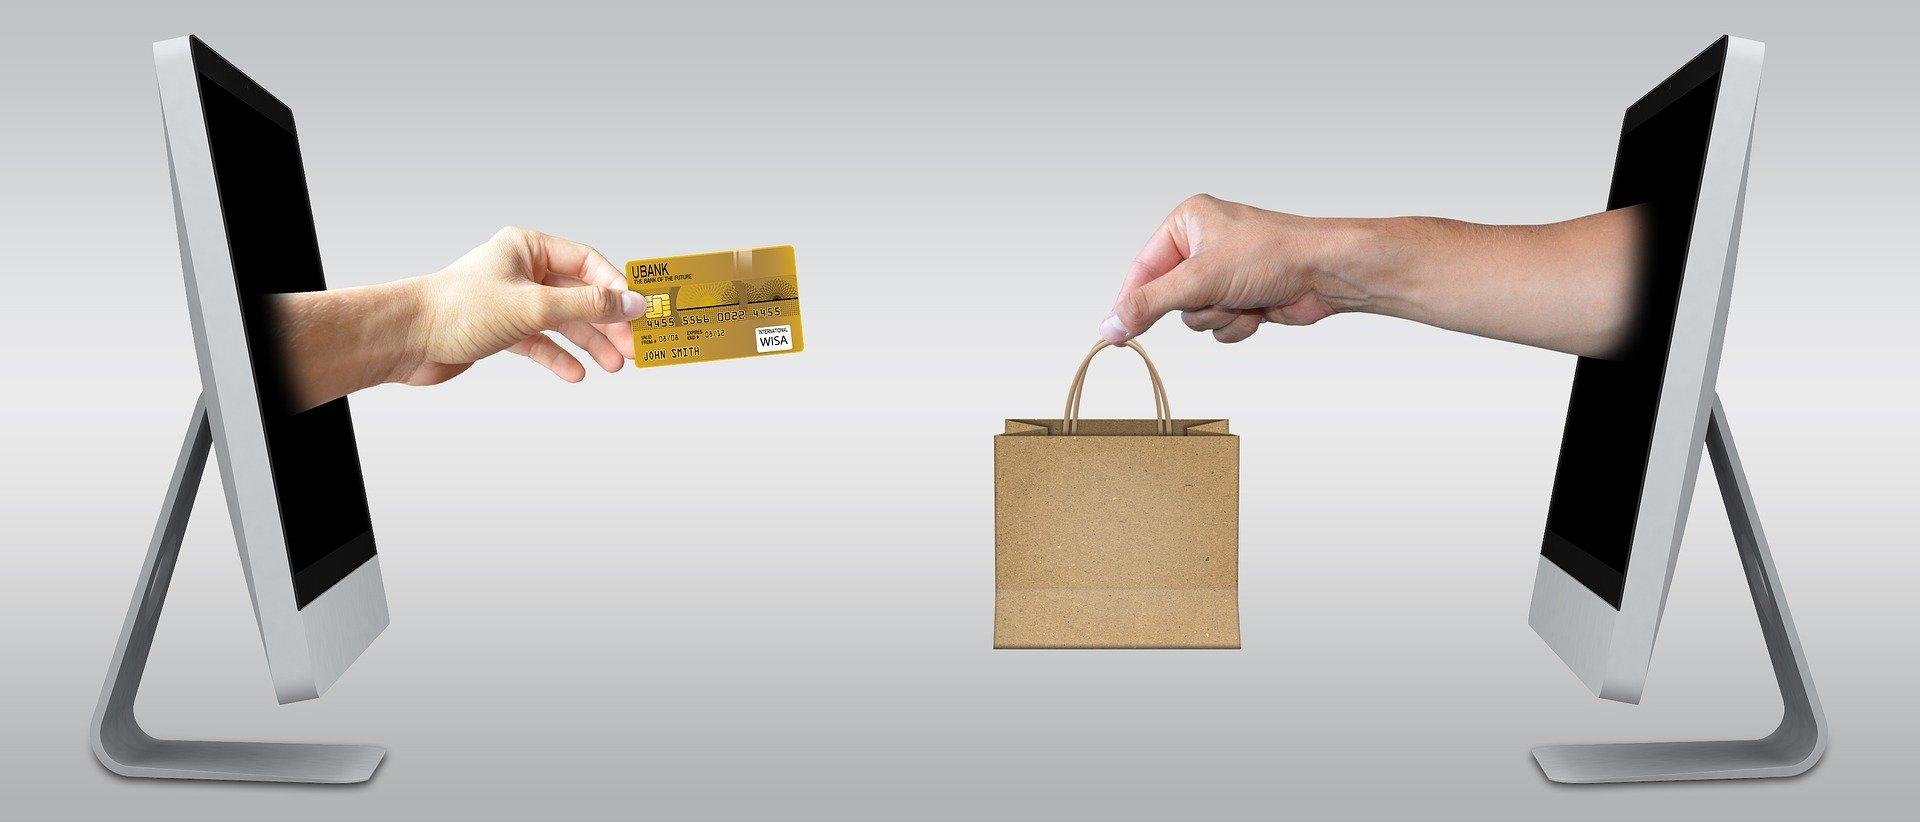 المالية والتعامل بميزة